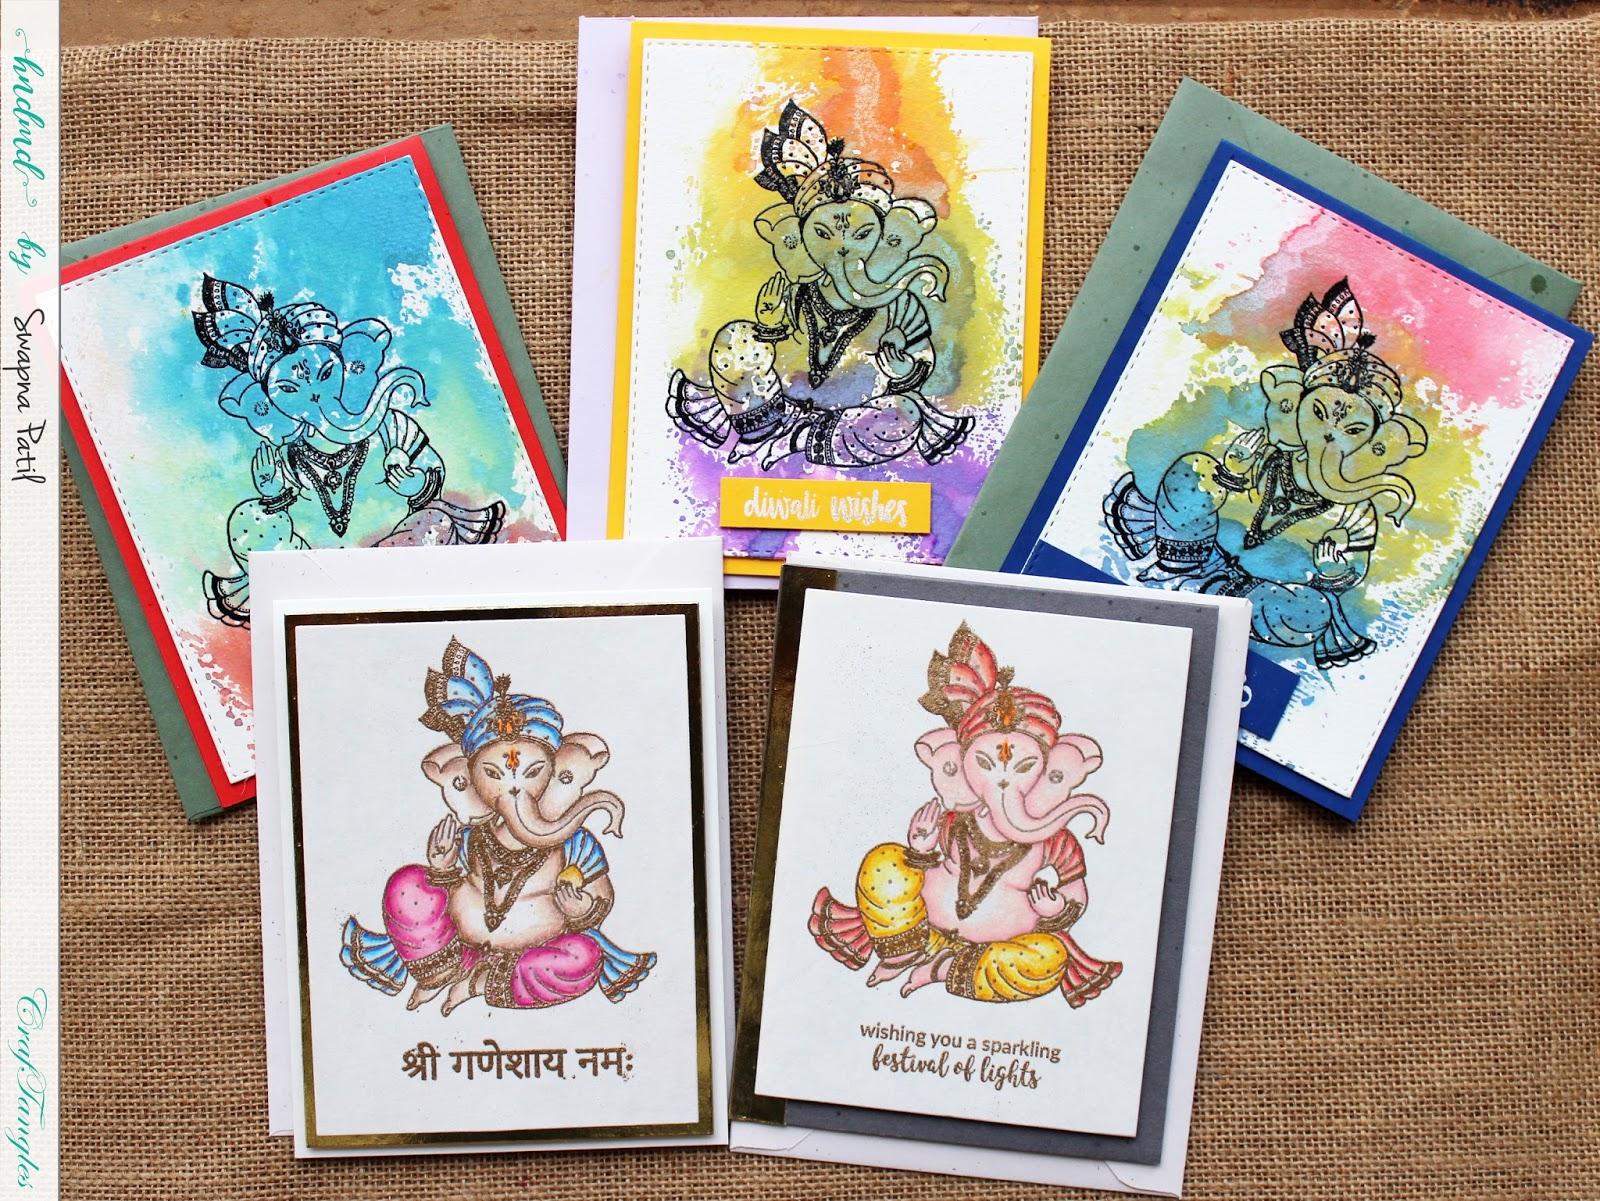 Happy Deepavali Part 1 8